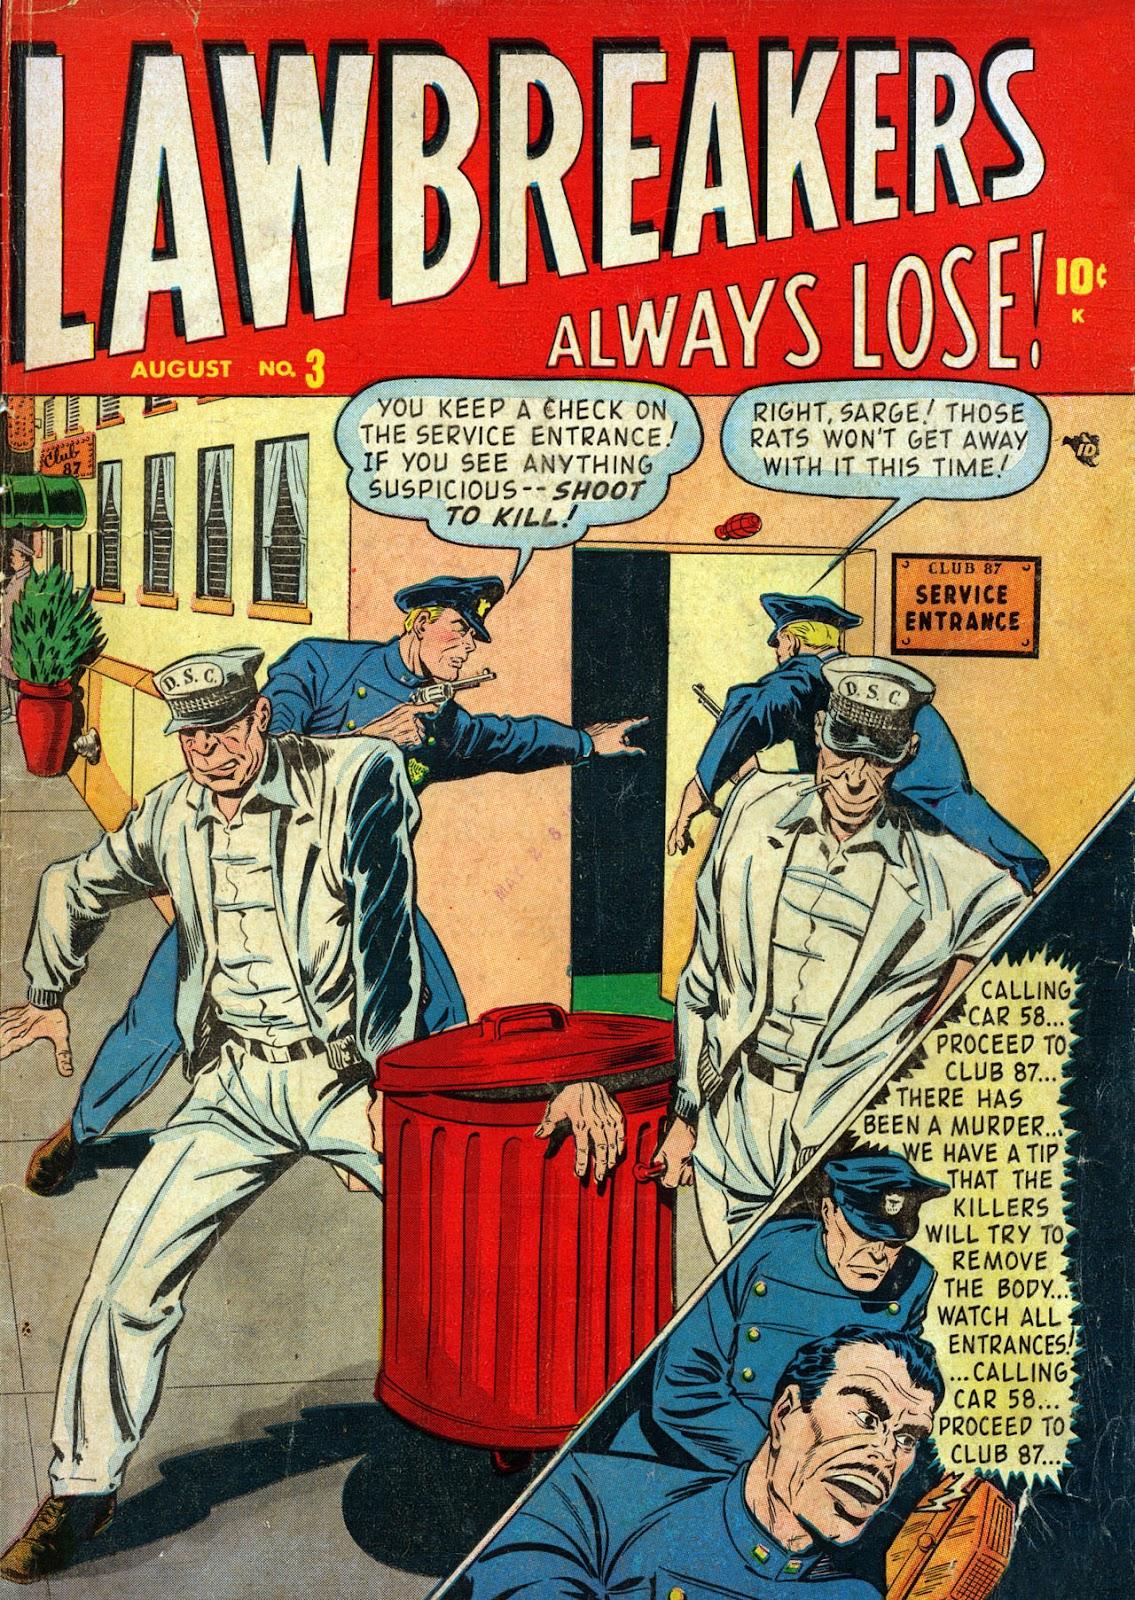 Lawbreakers Always Lose! 3 Page 1